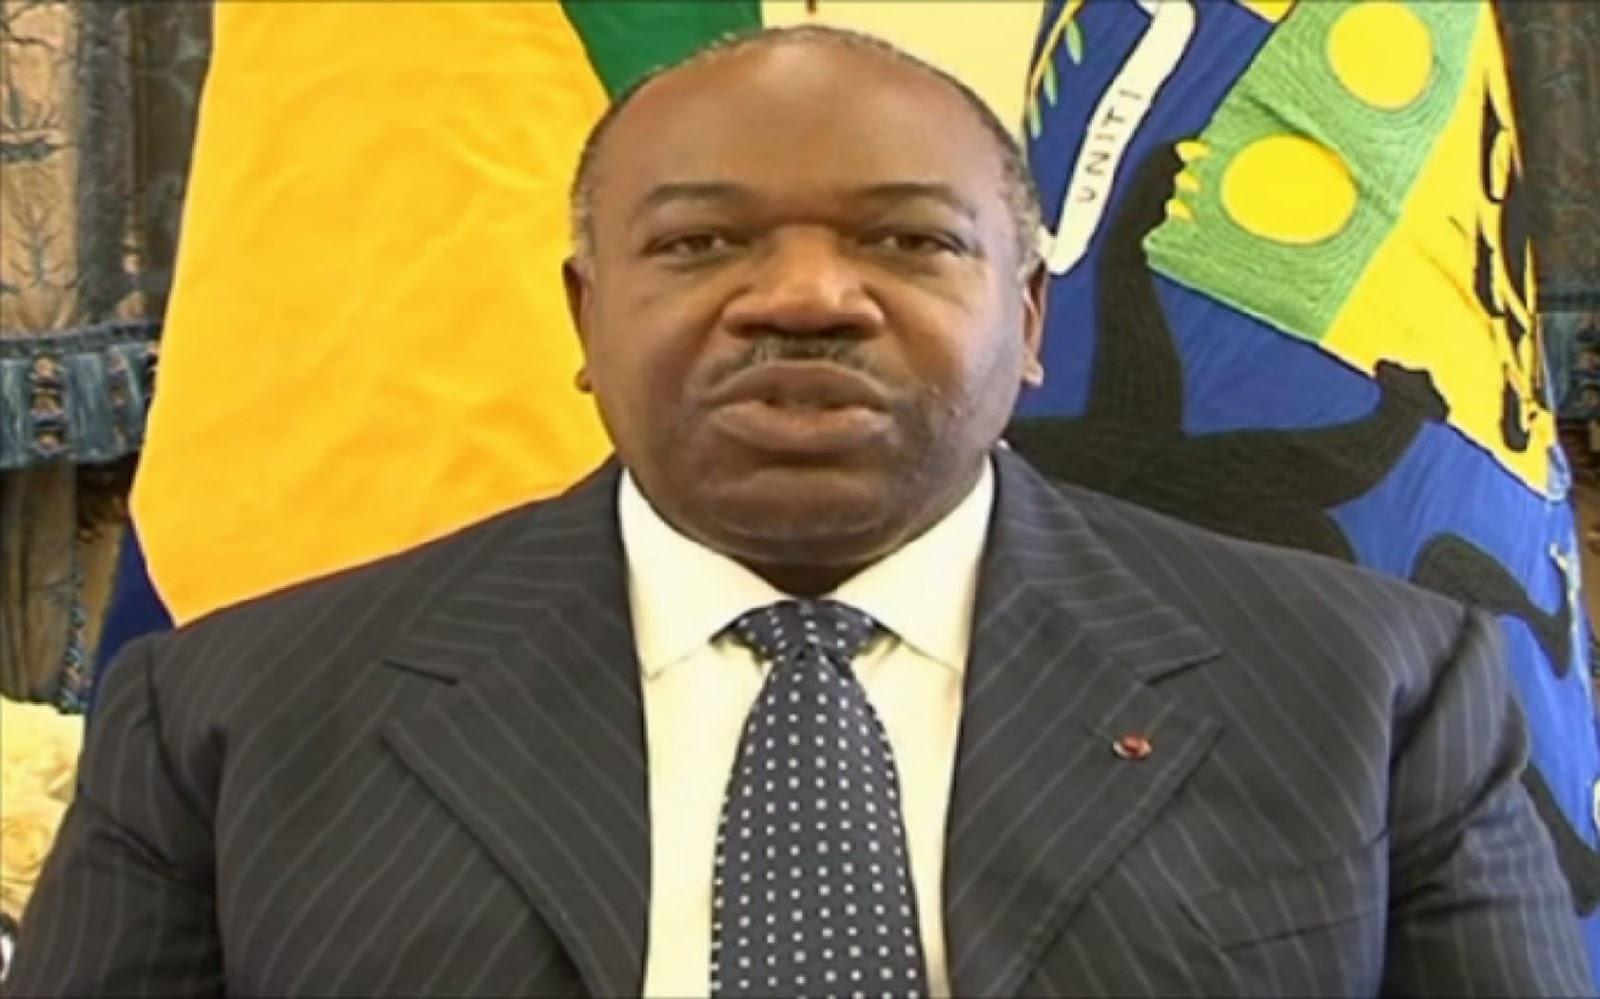 Discours à la nation du chef de l'Etat Ali Bongo Ondimba à l'occasion de la célébration de la fête nationale le 17 août 2017